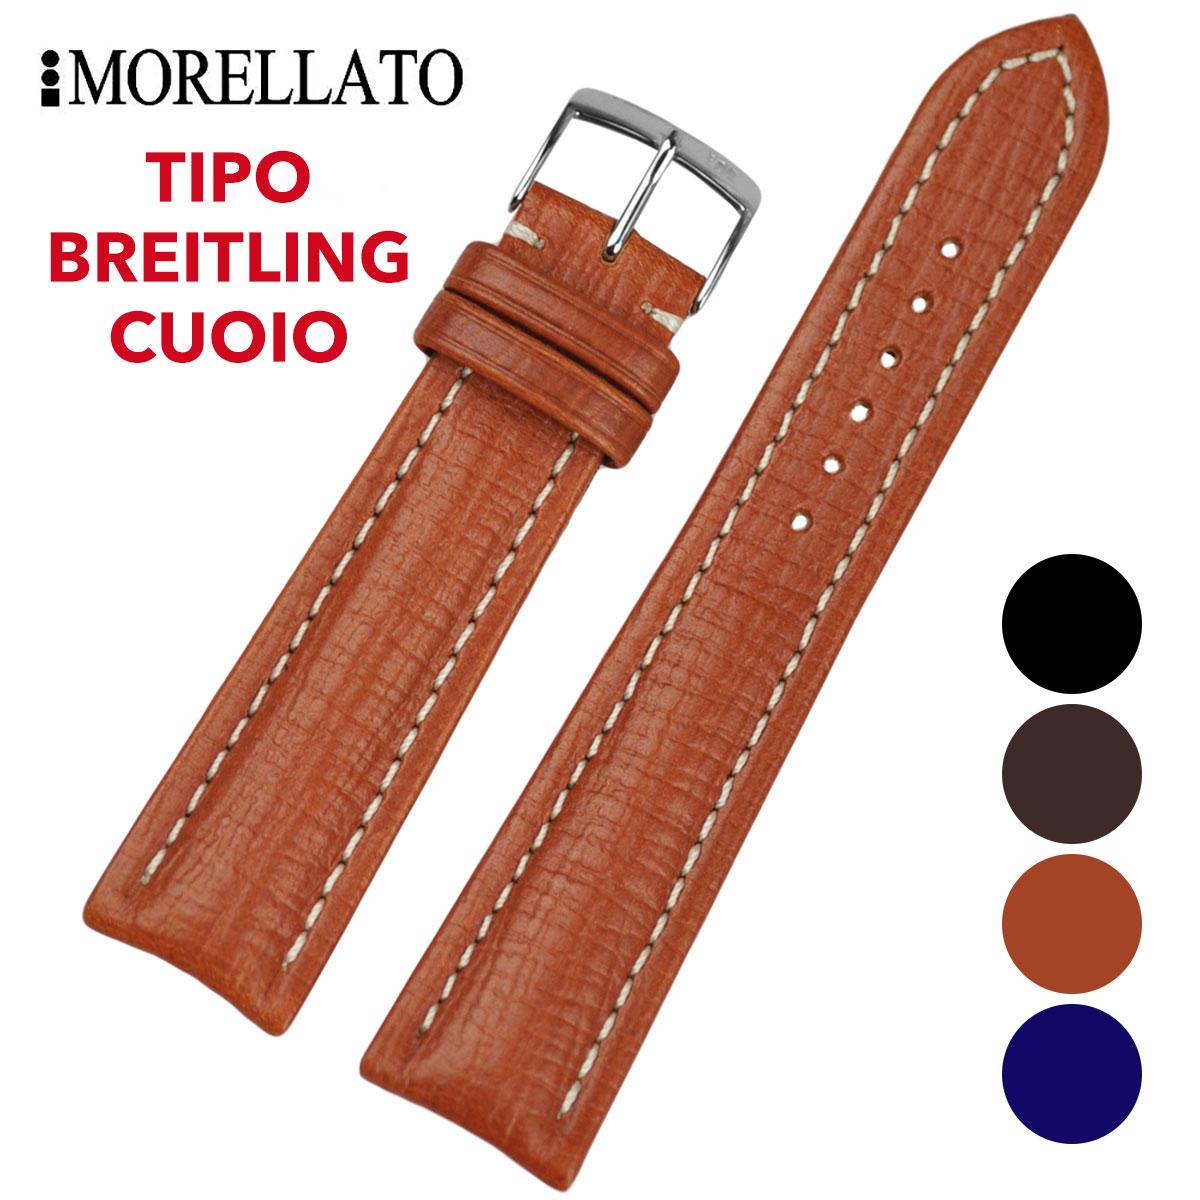 腕時計用アクセサリー, 腕時計用ベルト・バンド  Morellato TIPO BREITLING CUOIO :18mm20mm22mm BREITLING () U2266632